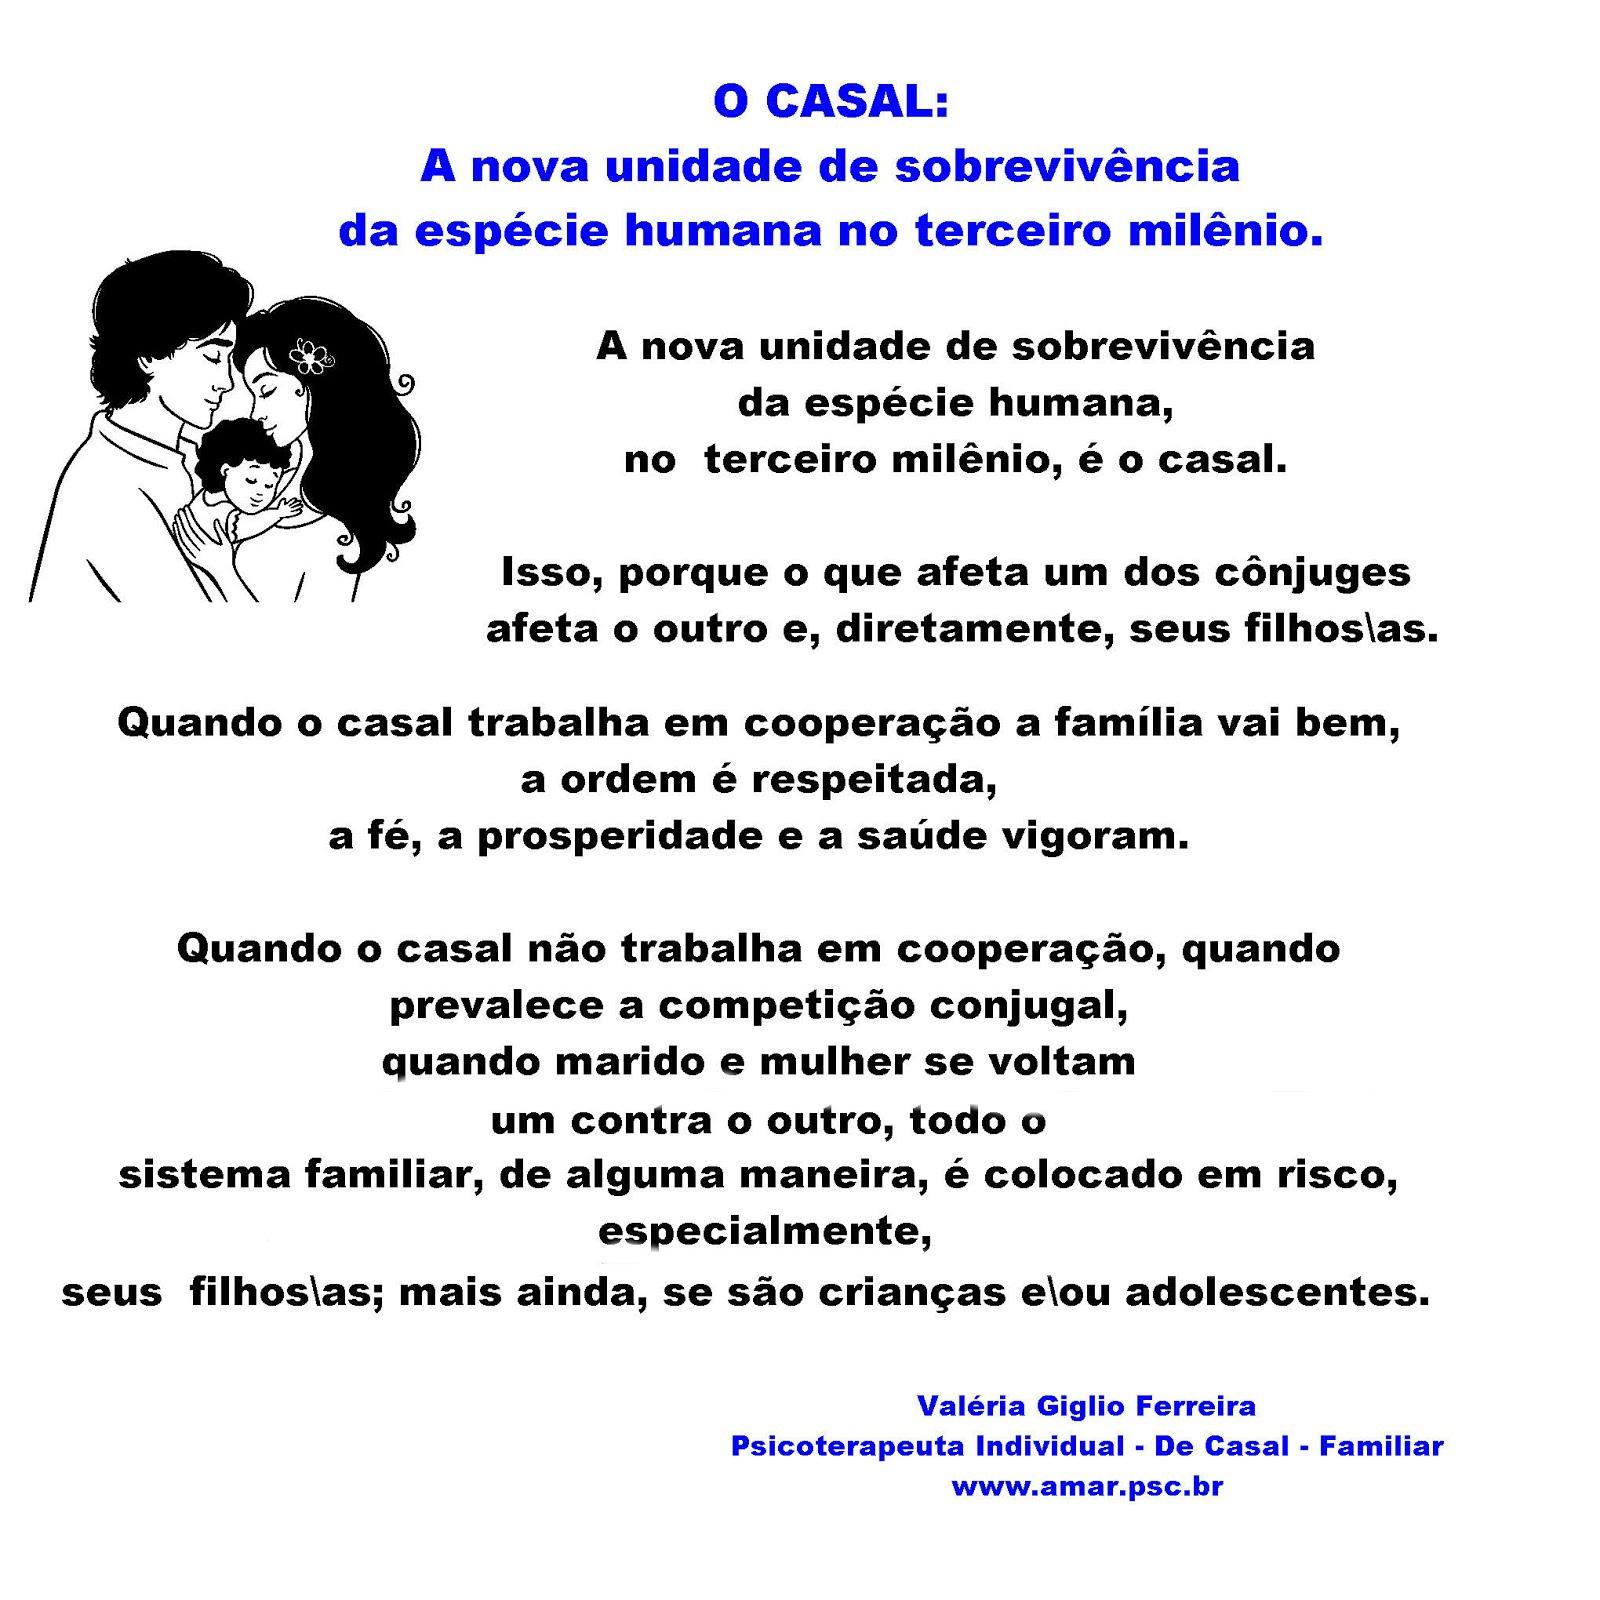 CASAL - A NOVA UNIDADE DE SOBREVIVÊNCIA...